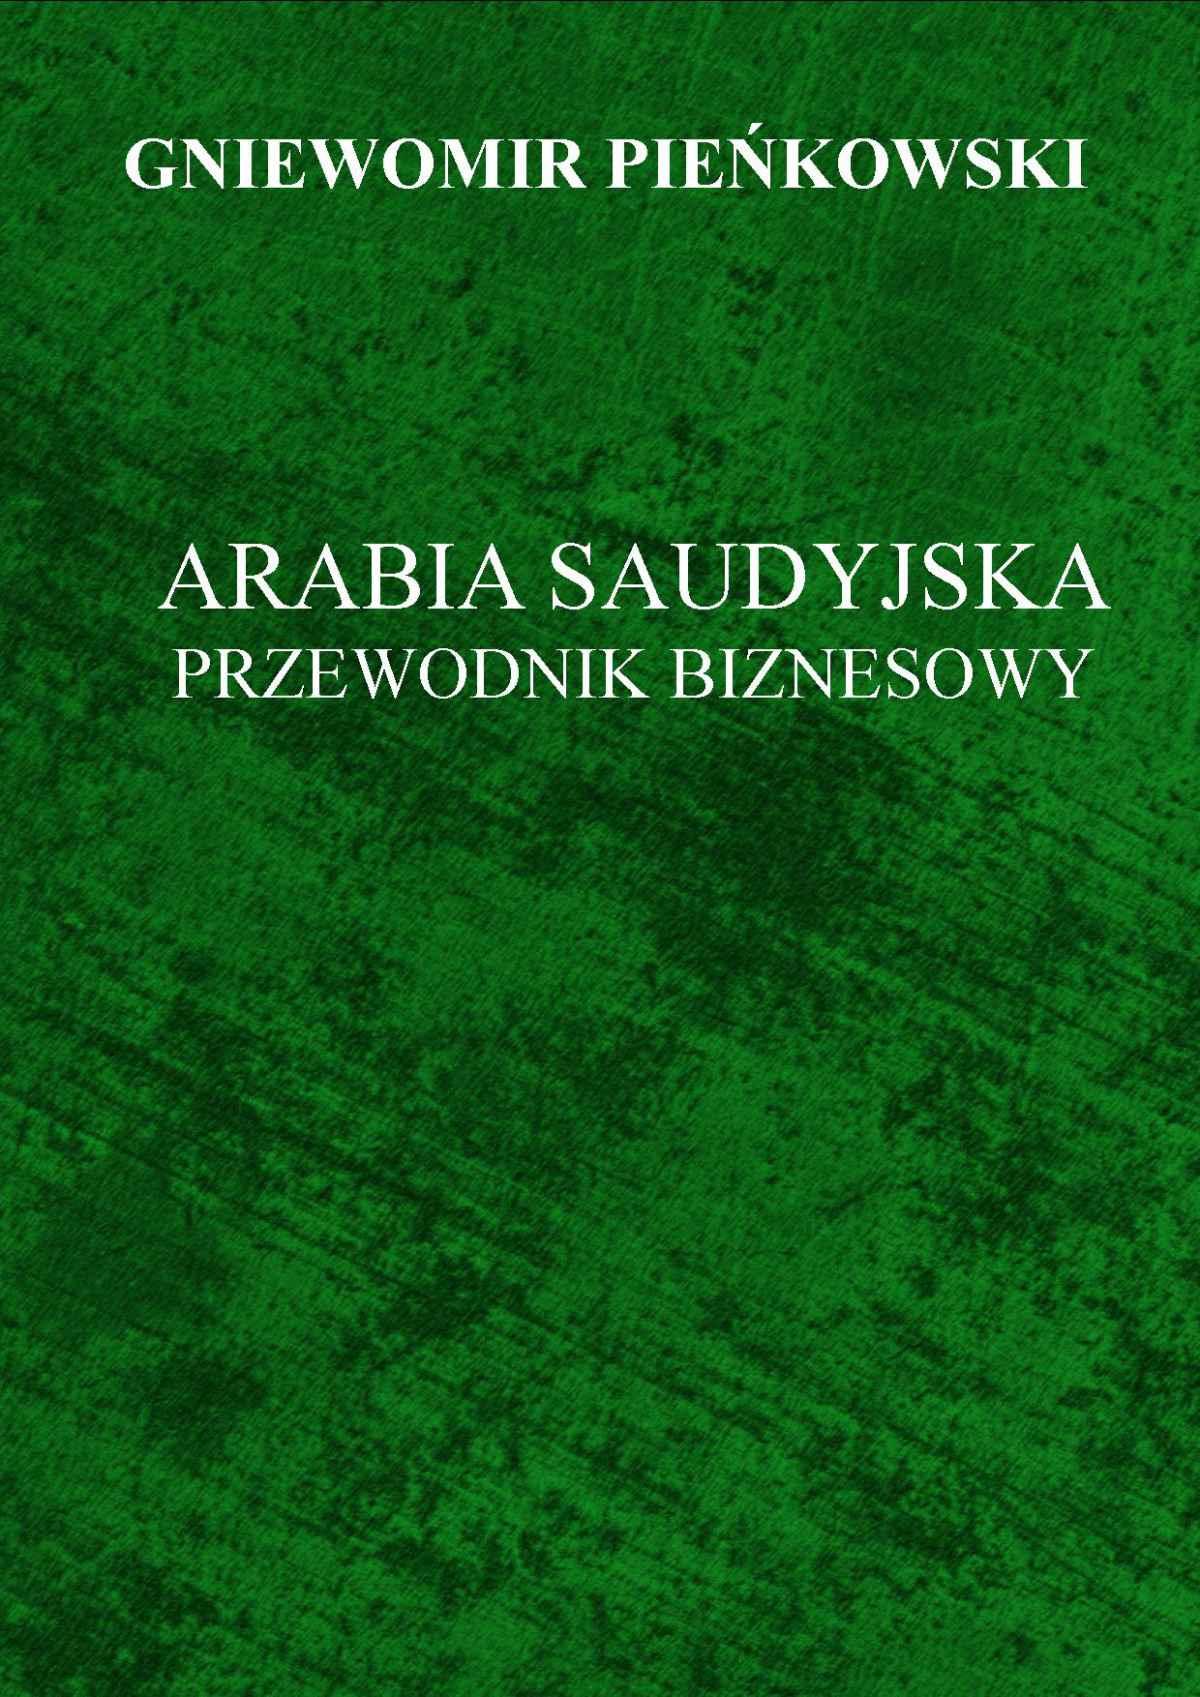 Arabia Saudyjska. Przewodnik Biznesowy. - Ebook (Książka PDF) do pobrania w formacie PDF